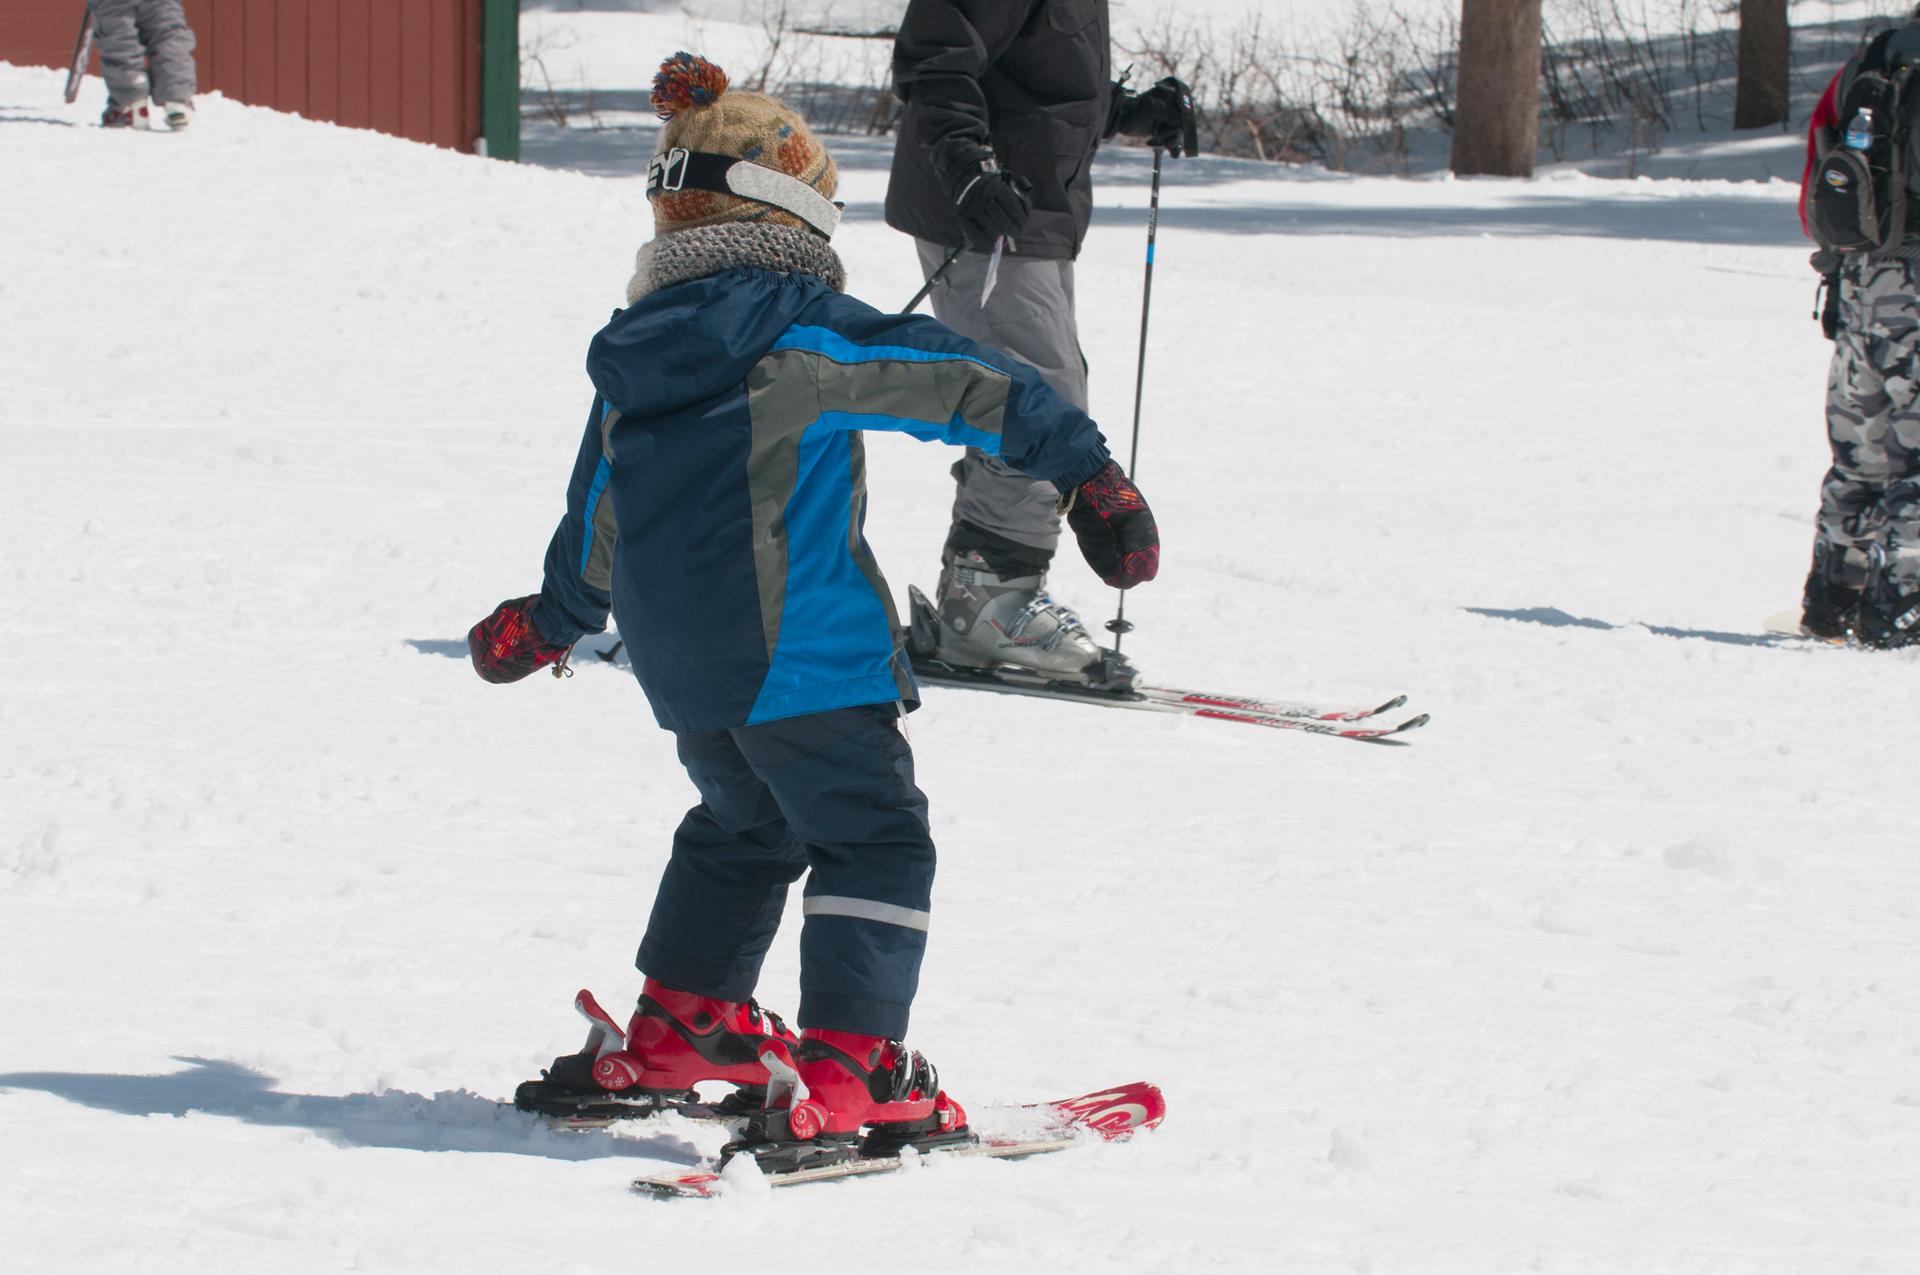 Fotografia przedstawia na pierwszym planie dziecko próbujące zjeżdżać na nartach po łagodnym, ośnieżonym stoku.